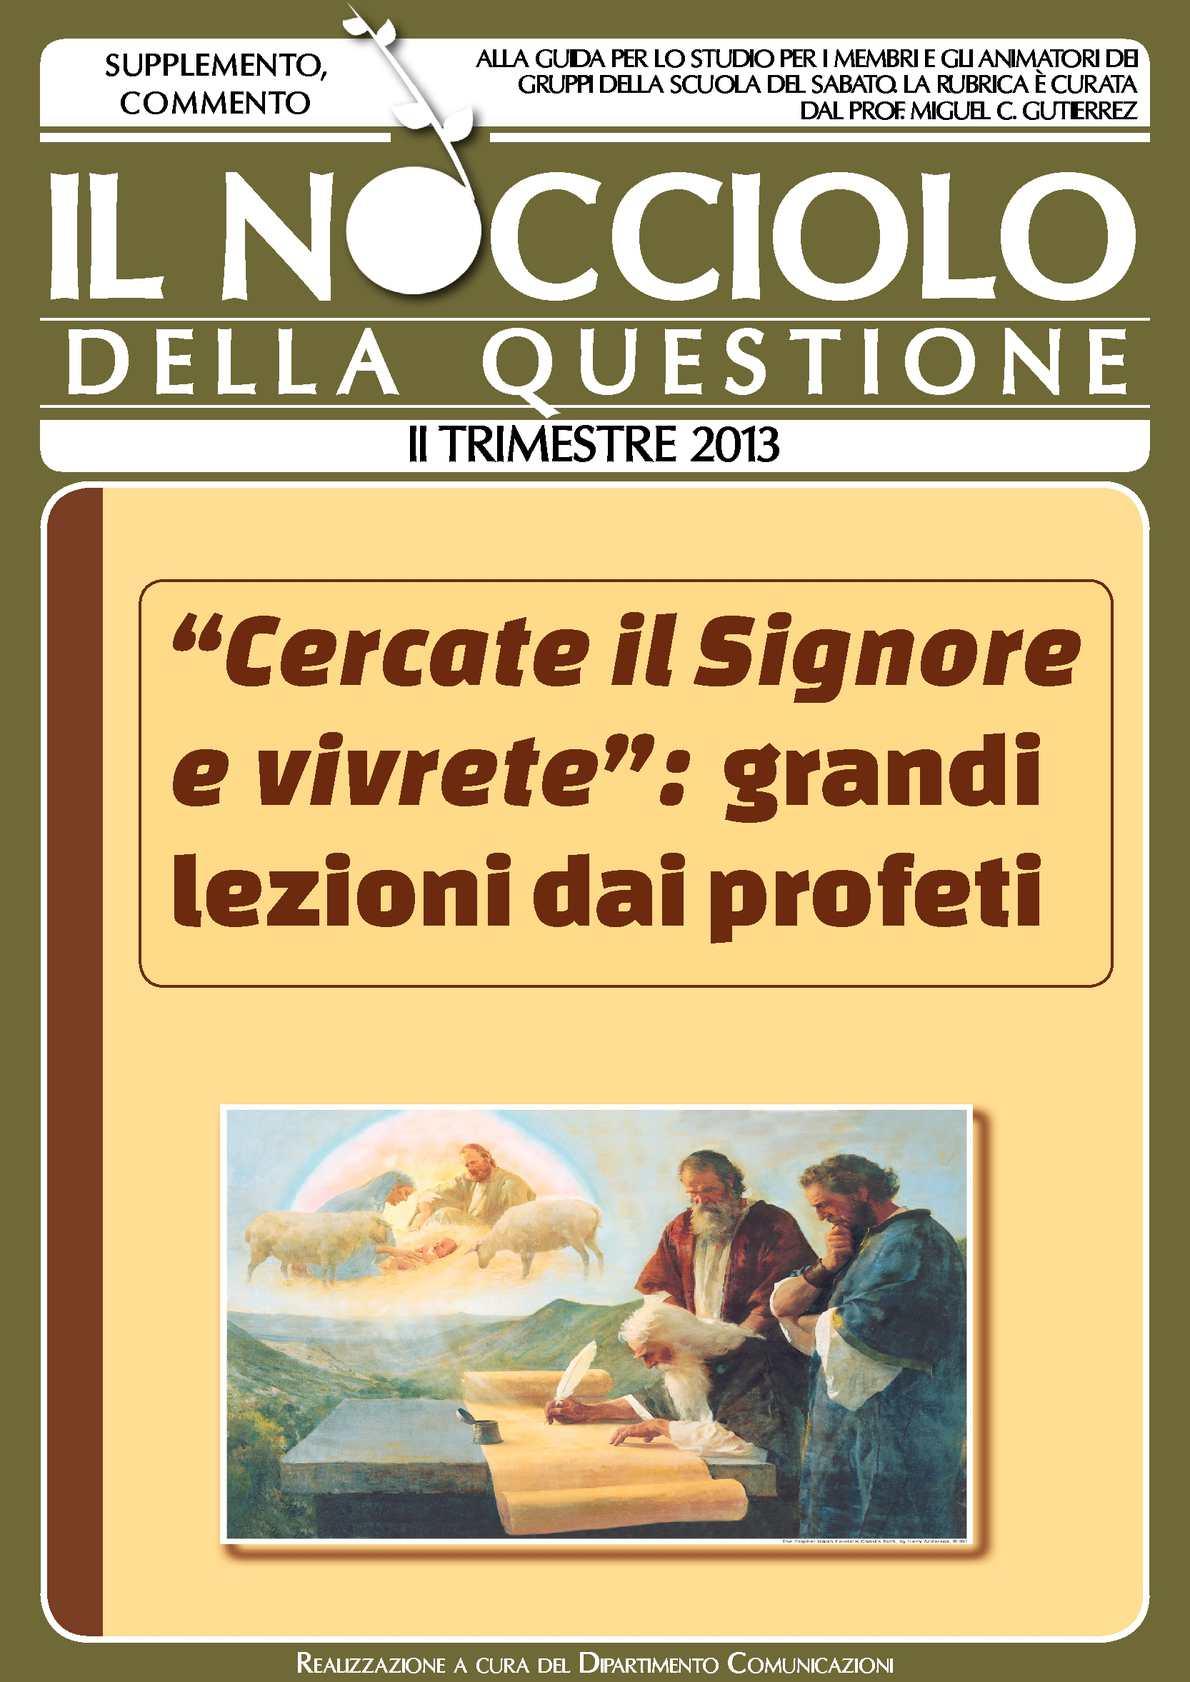 II Trim. 2013 (1-13) - Il Nocciolo della Questione